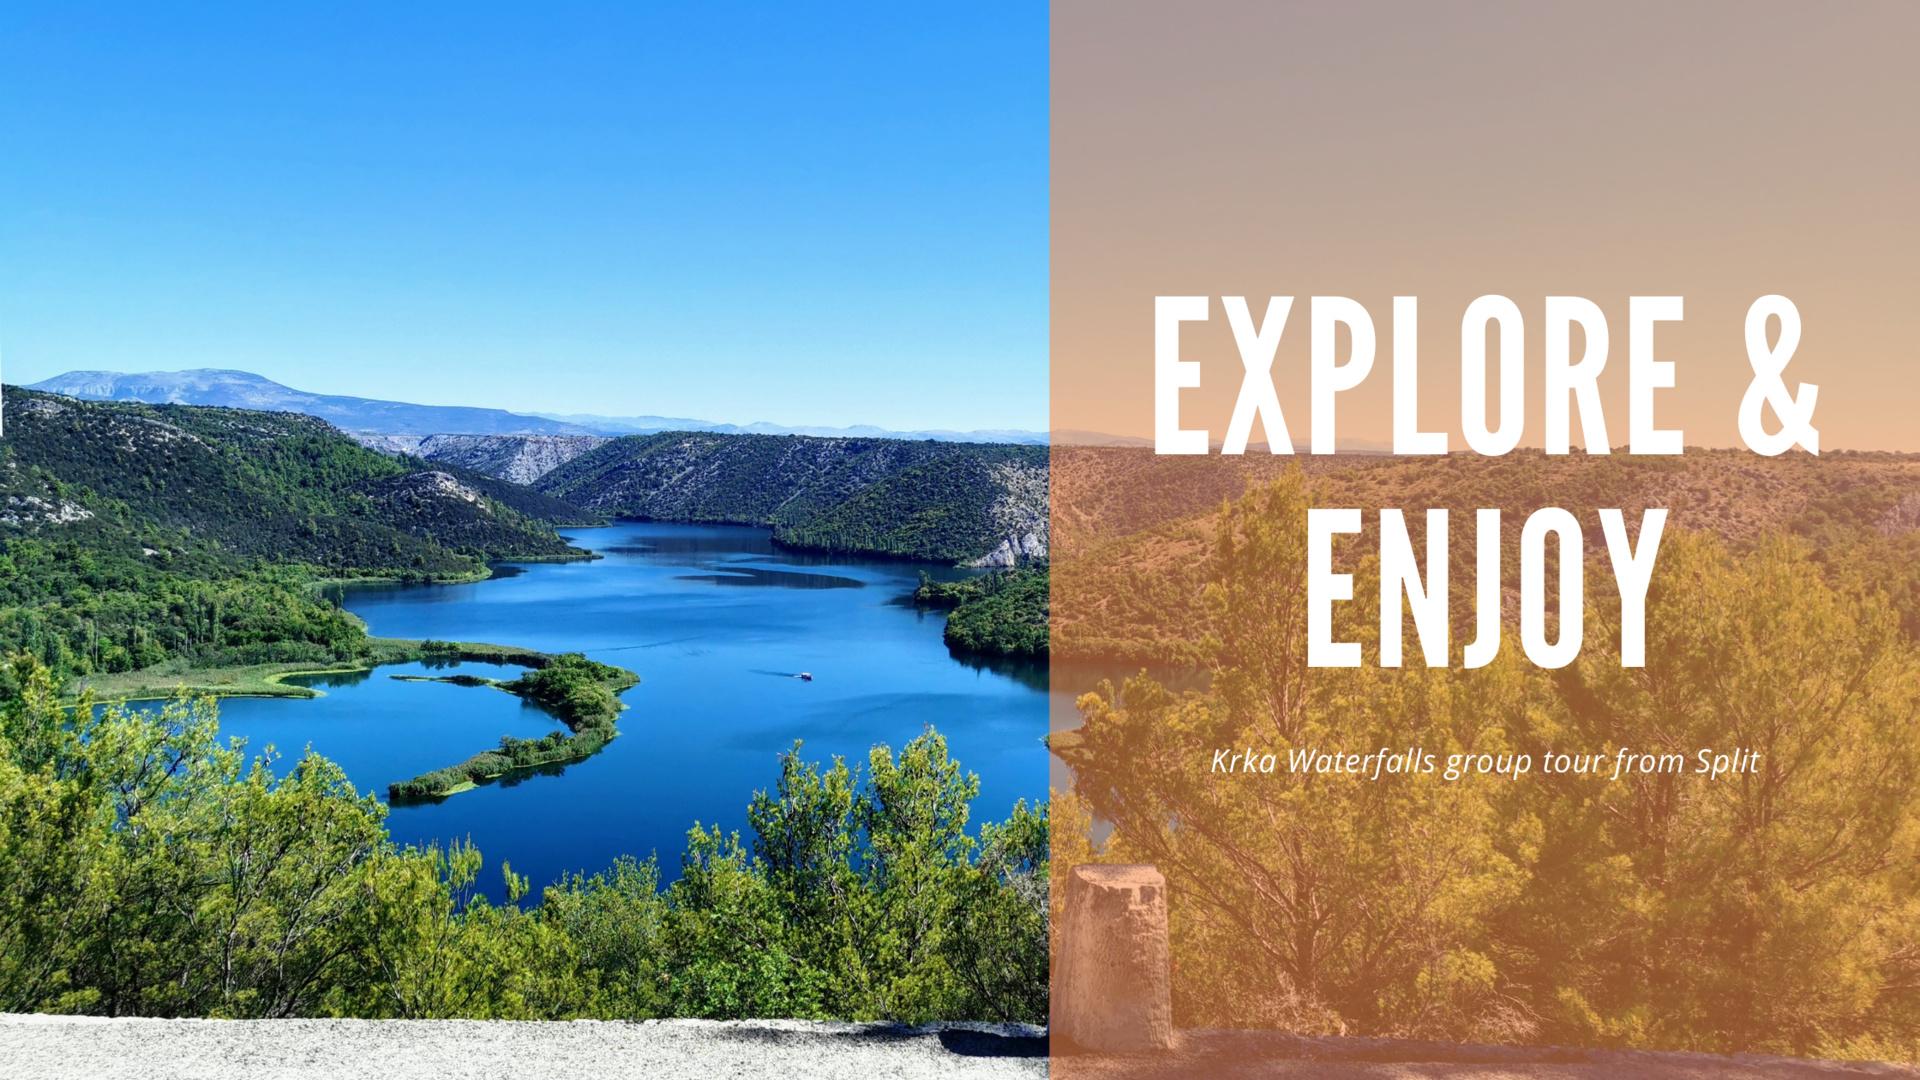 Krka Waterfalls explore & enjoy_copy